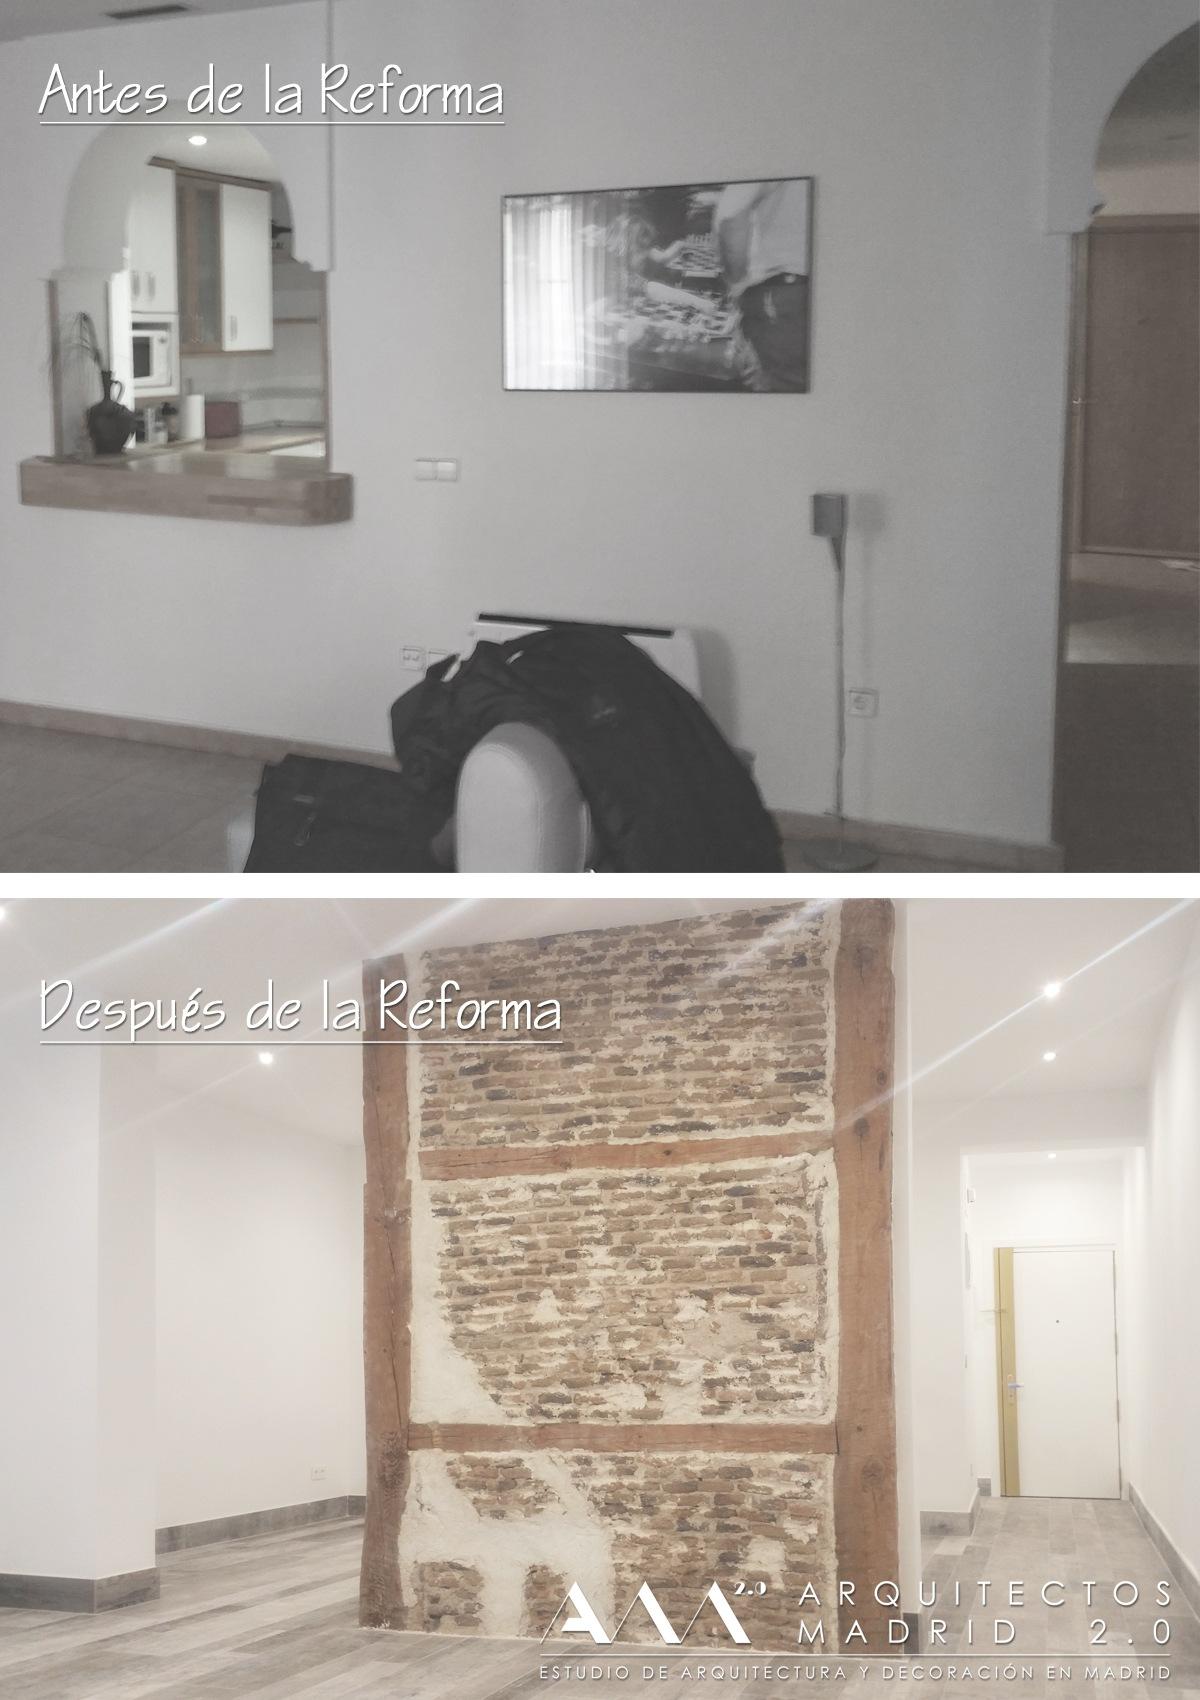 reformas-viviendas-ideas-antes-despues-pisos-casas-obras-05